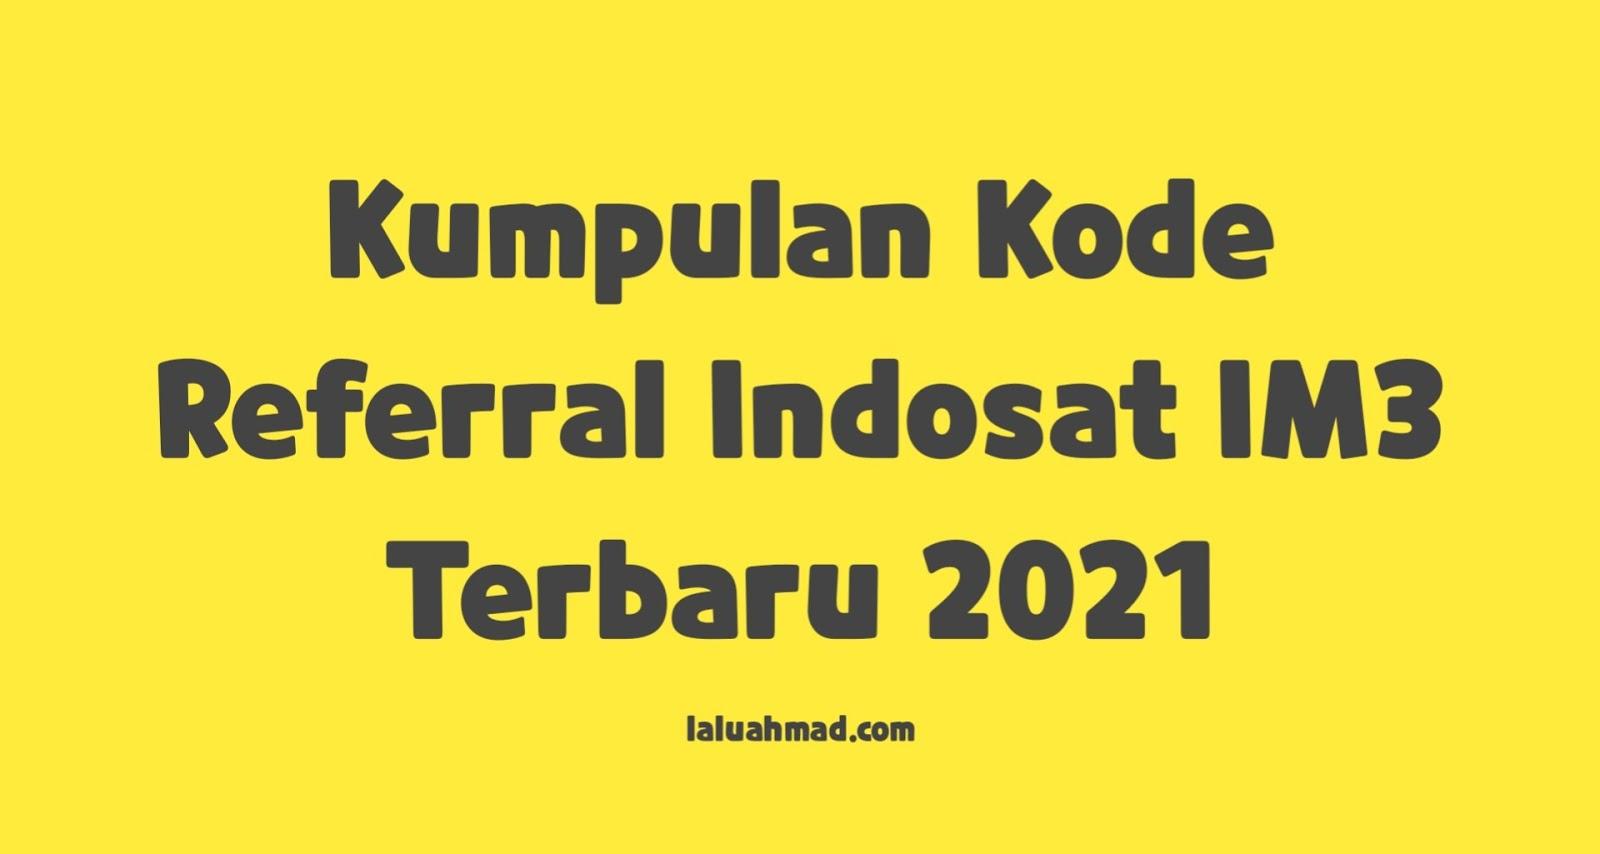 Kumpulan Kode Referral Indosat IM3 Terbaru 2021